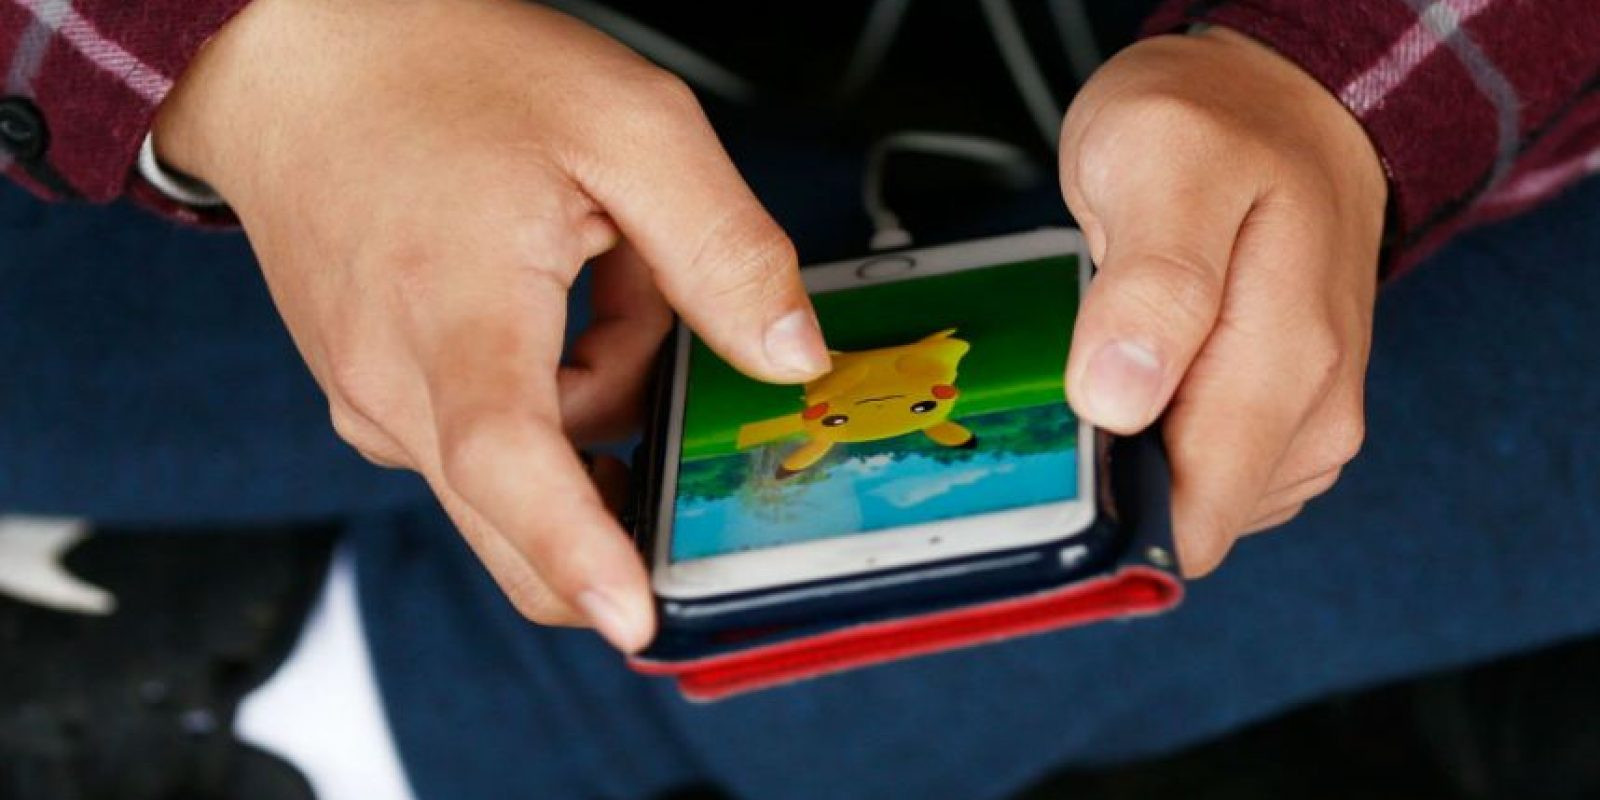 Tengan cuidado con los trucos que encuentran en Internet. Foto:Getty Images